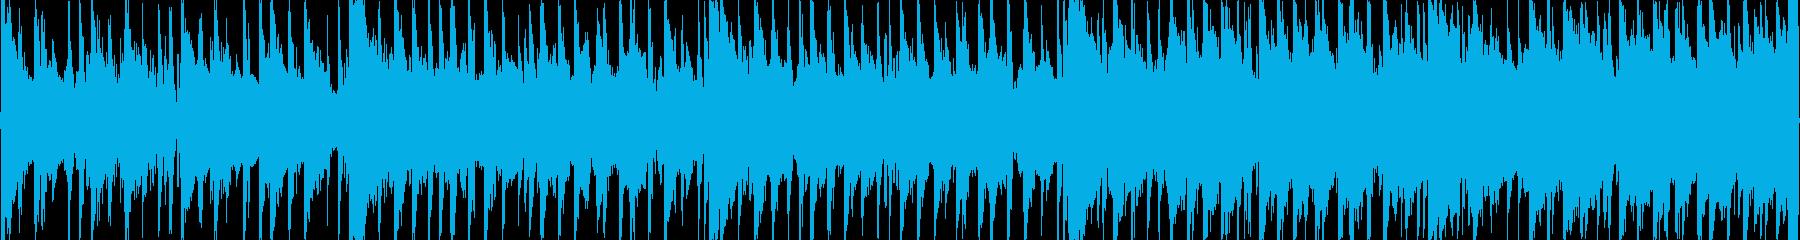 ELEKTRON MONOMACHIN…の再生済みの波形